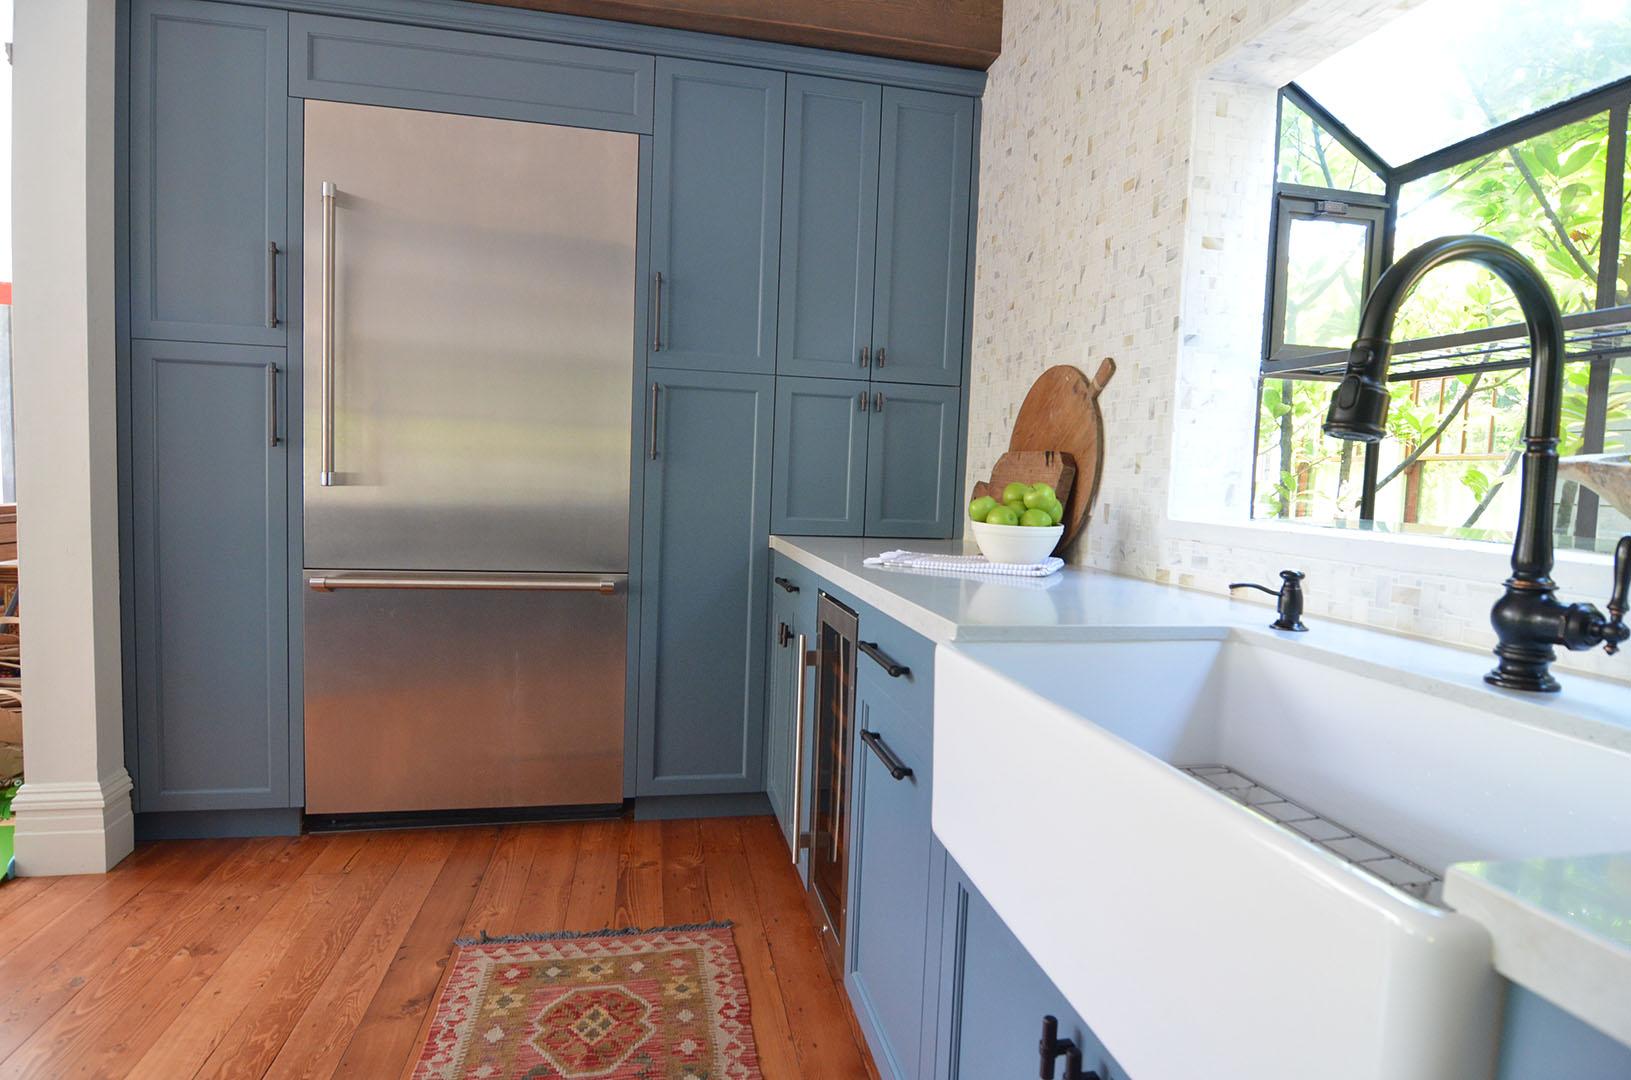 Kitchen cabinet design in North Berkeley